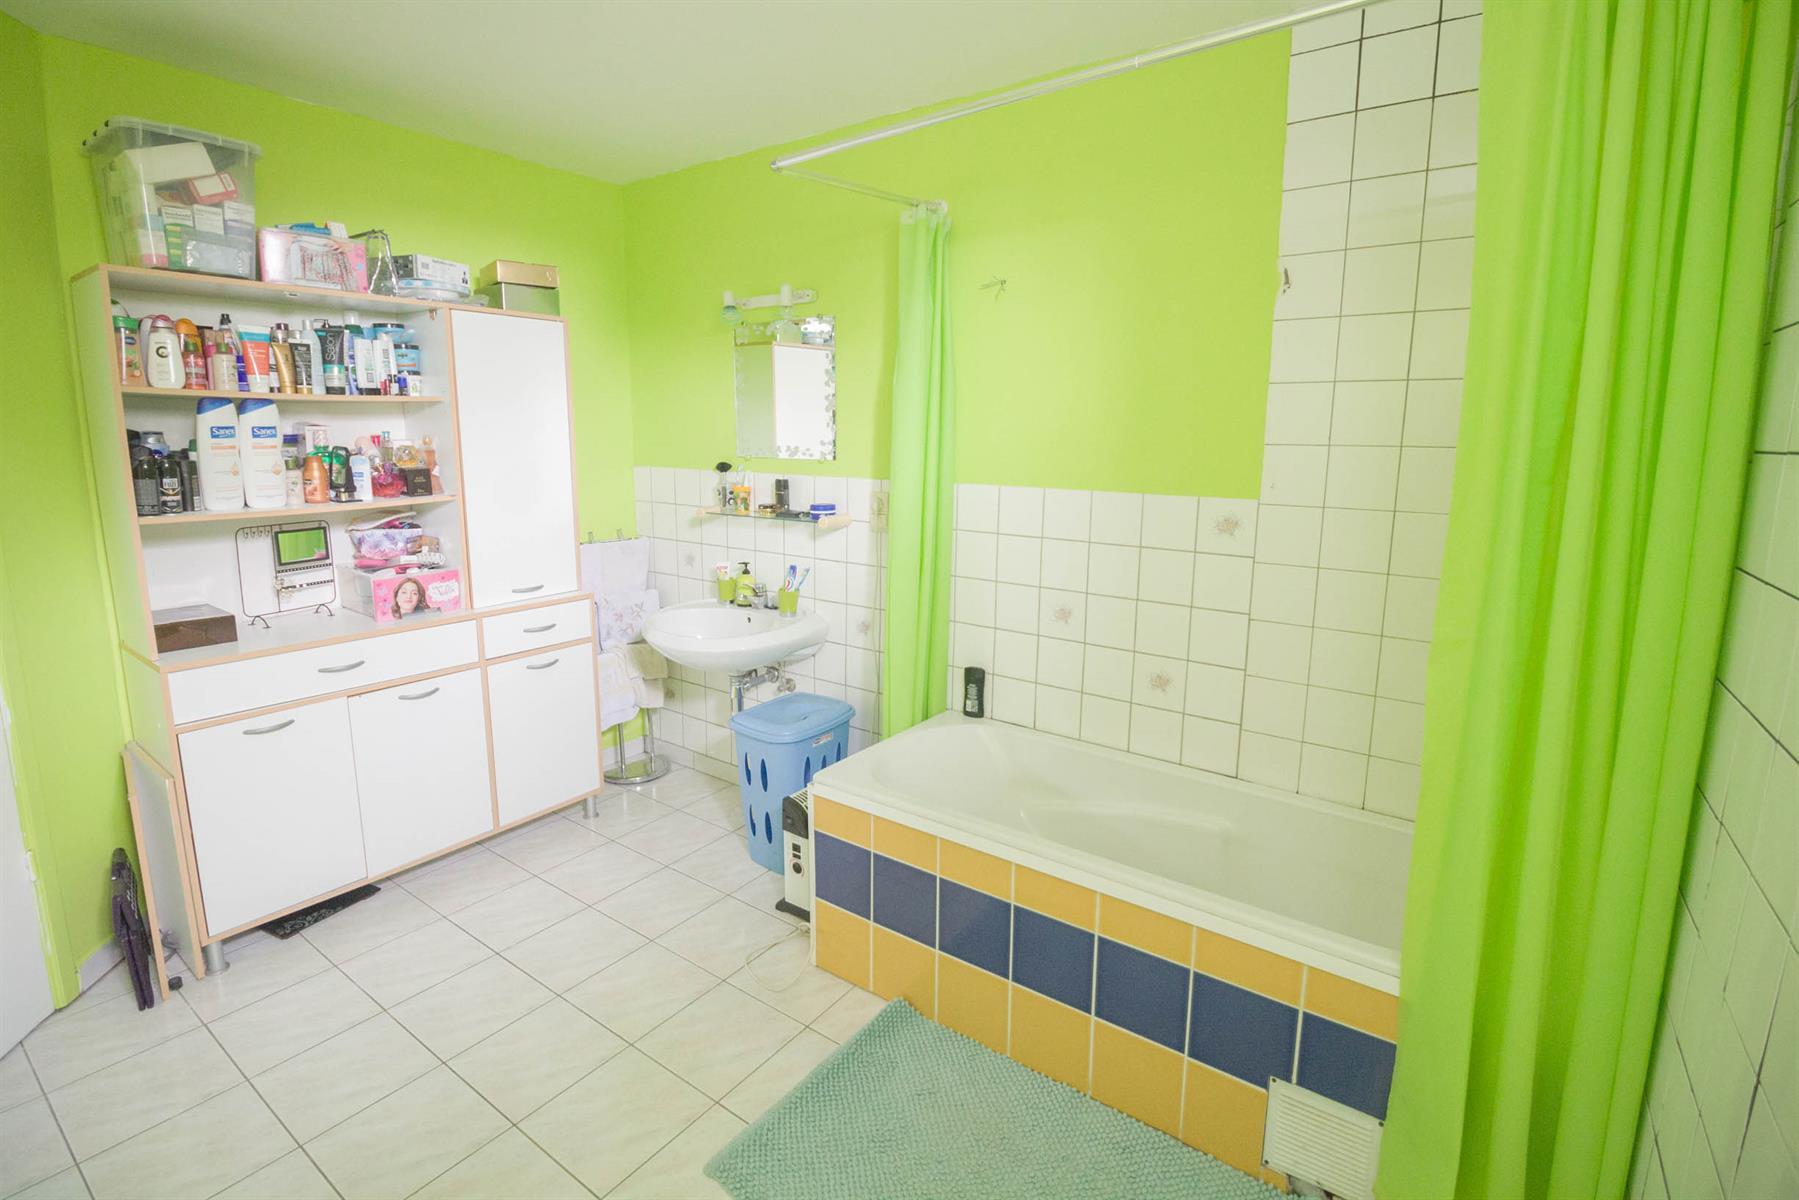 Maison - Wangenies - #4035741-13